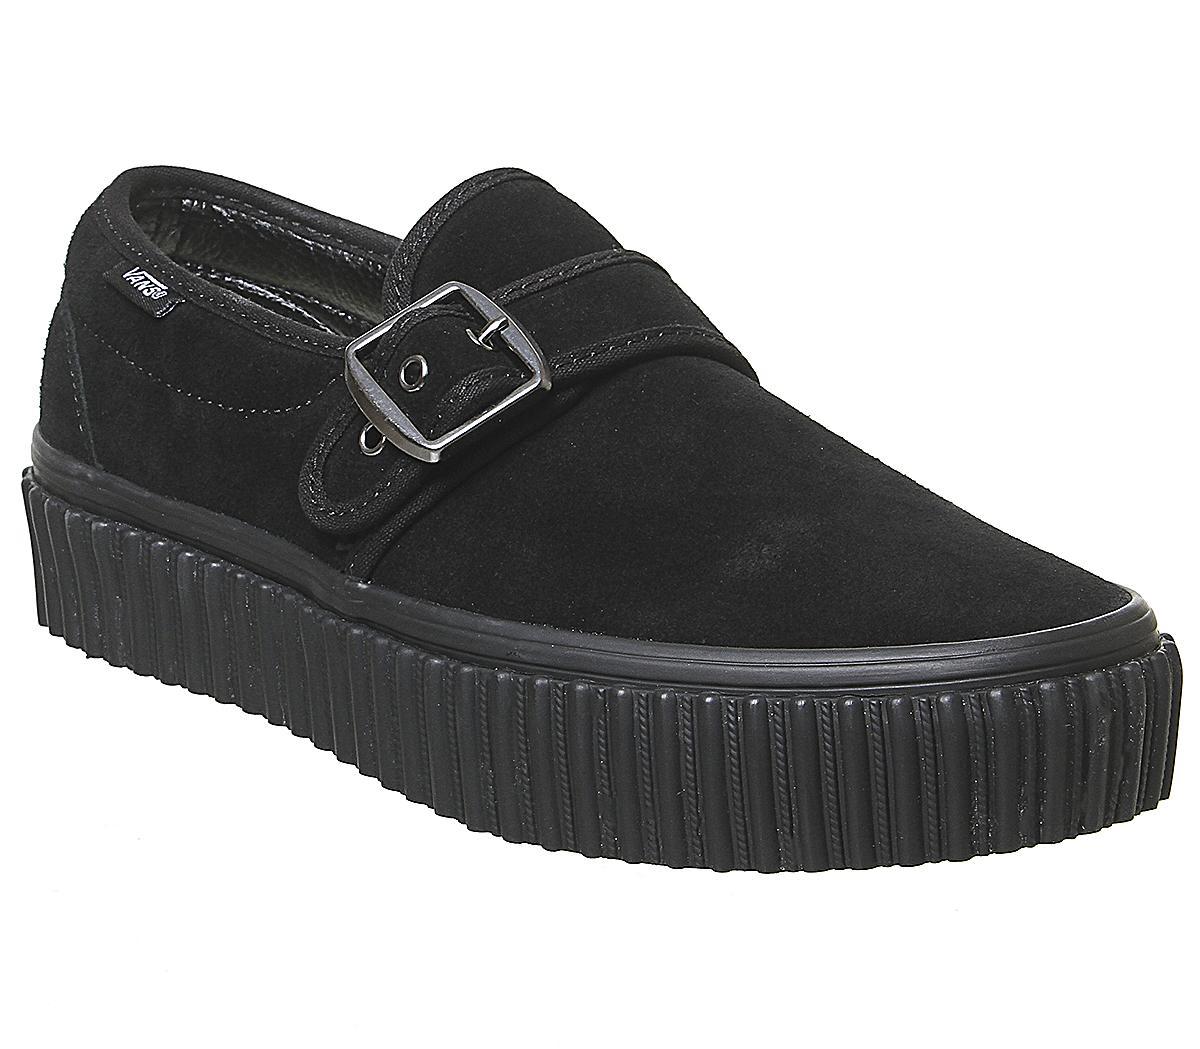 Vans Style 47 Creeper Slip Ons Black